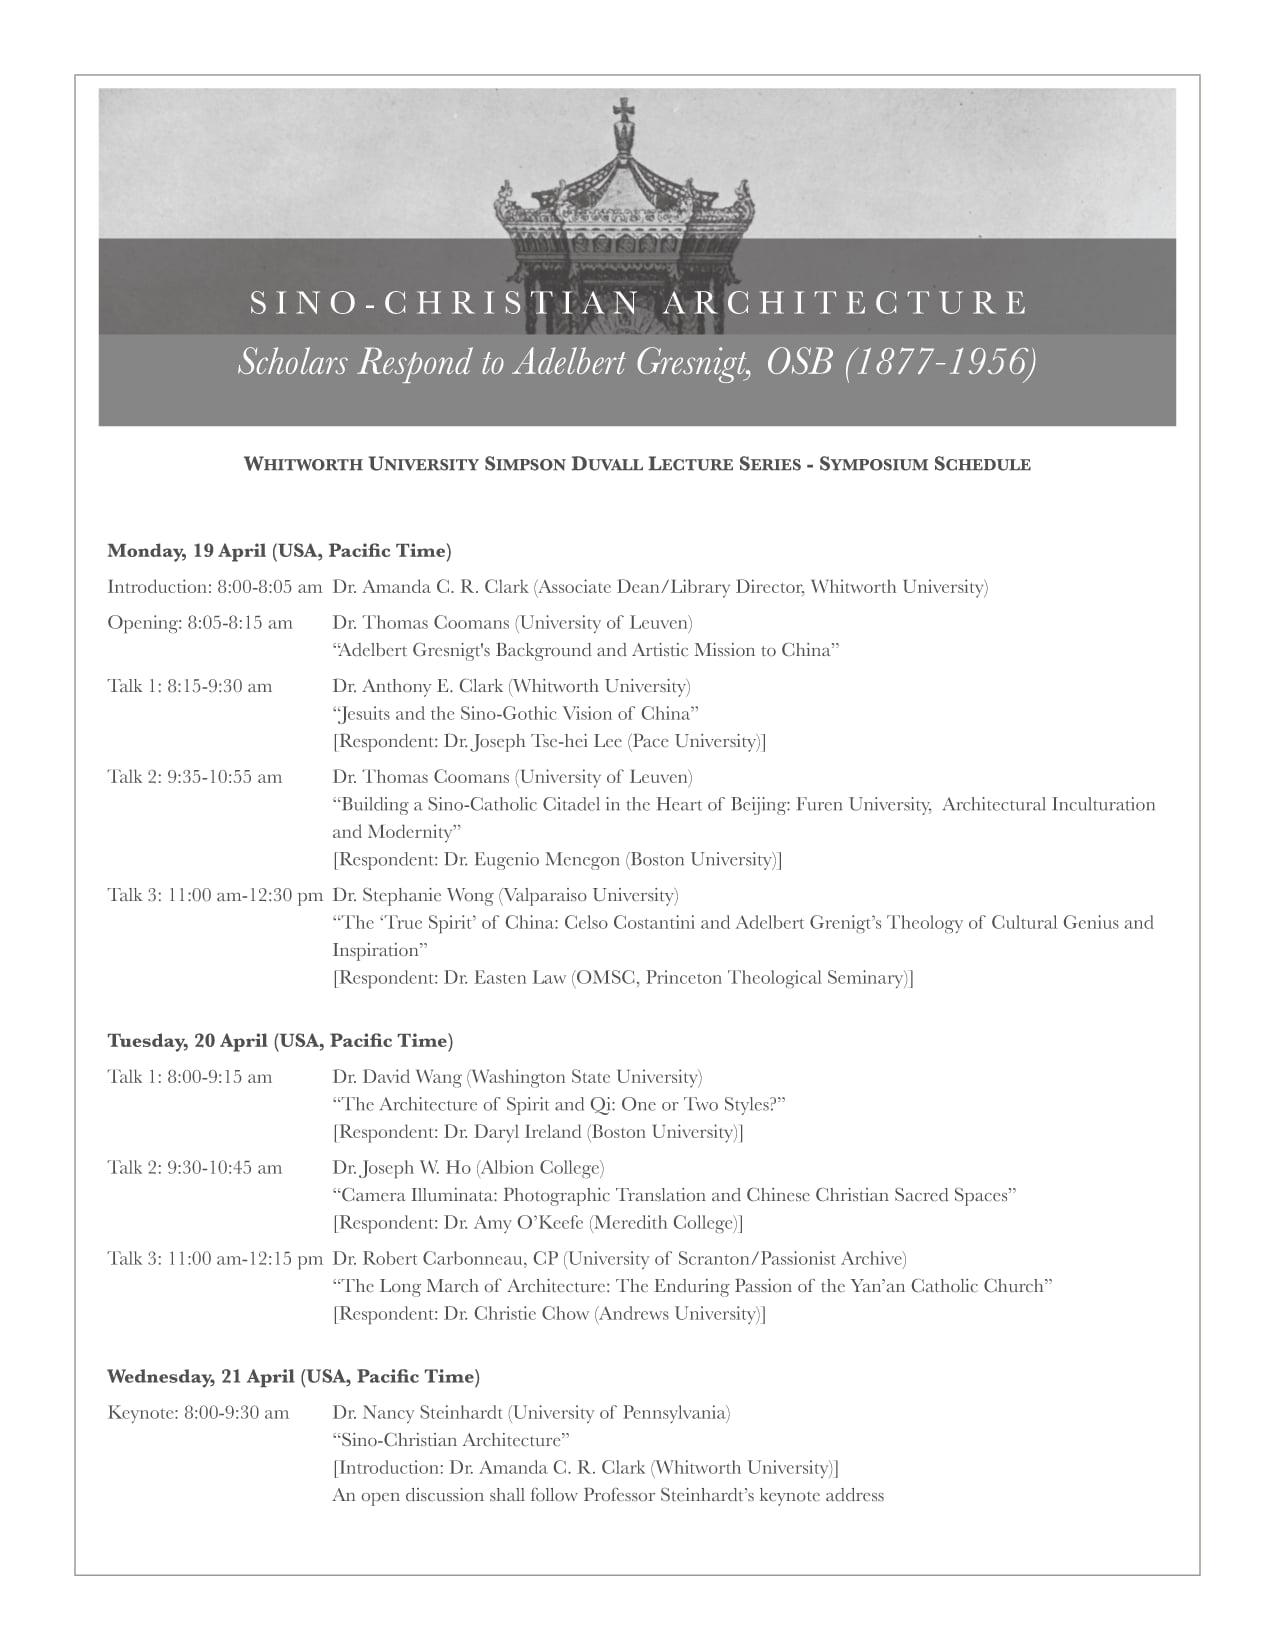 会议:SINO-CHRISTIAN ARCHITECTURE (4月19-21日)